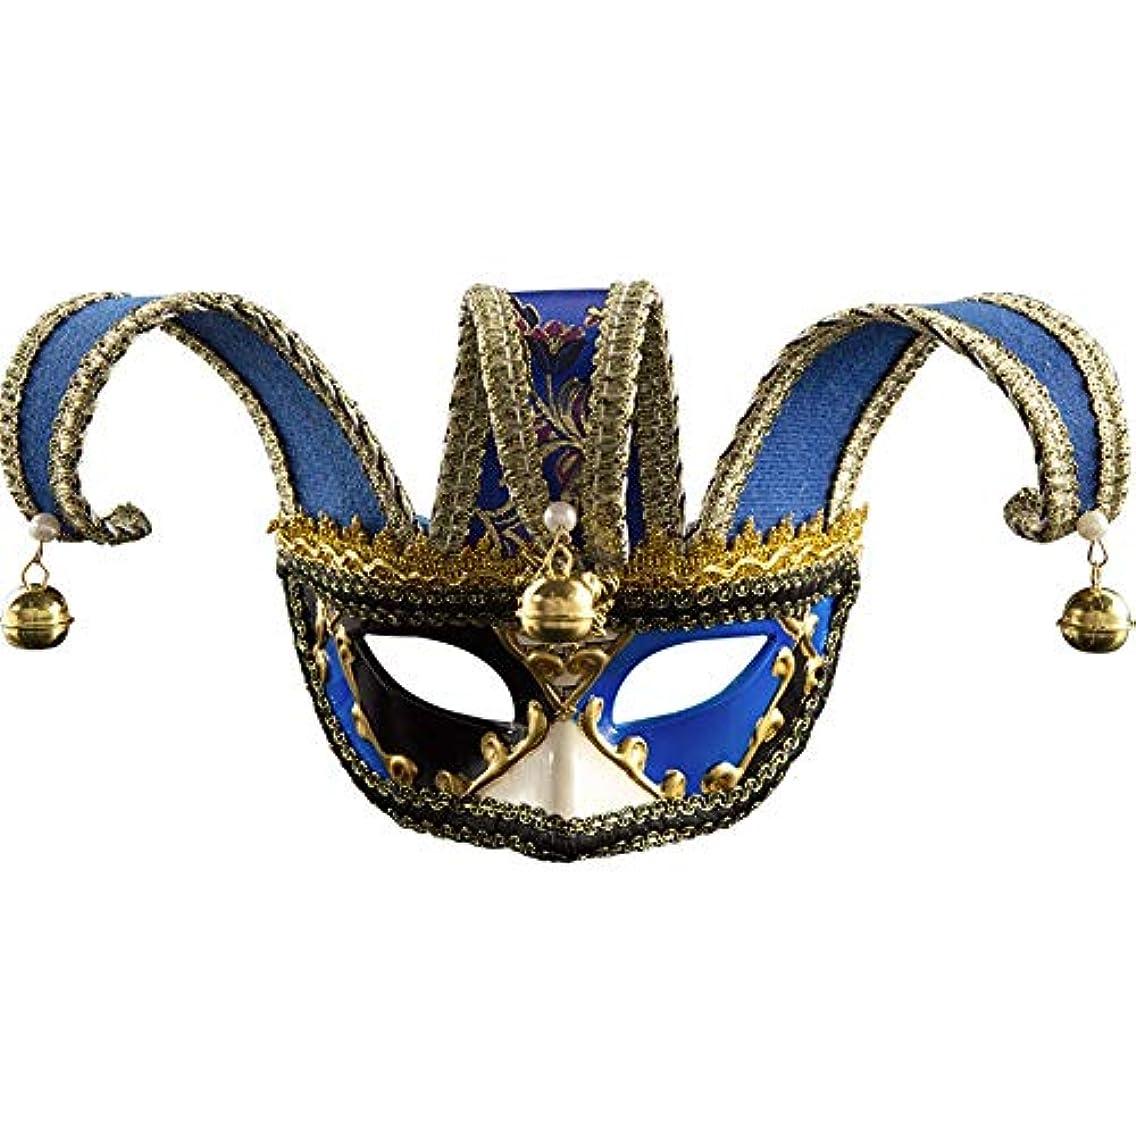 コーチ憲法レイアダンスマスク ナイトクラブ音楽カーニバルマスク雰囲気クリスマスフェスティバルプラスチックマスクイブニングパーティーボール ホリデーパーティー用品 (色 : 青, サイズ : 16.5x29cm)